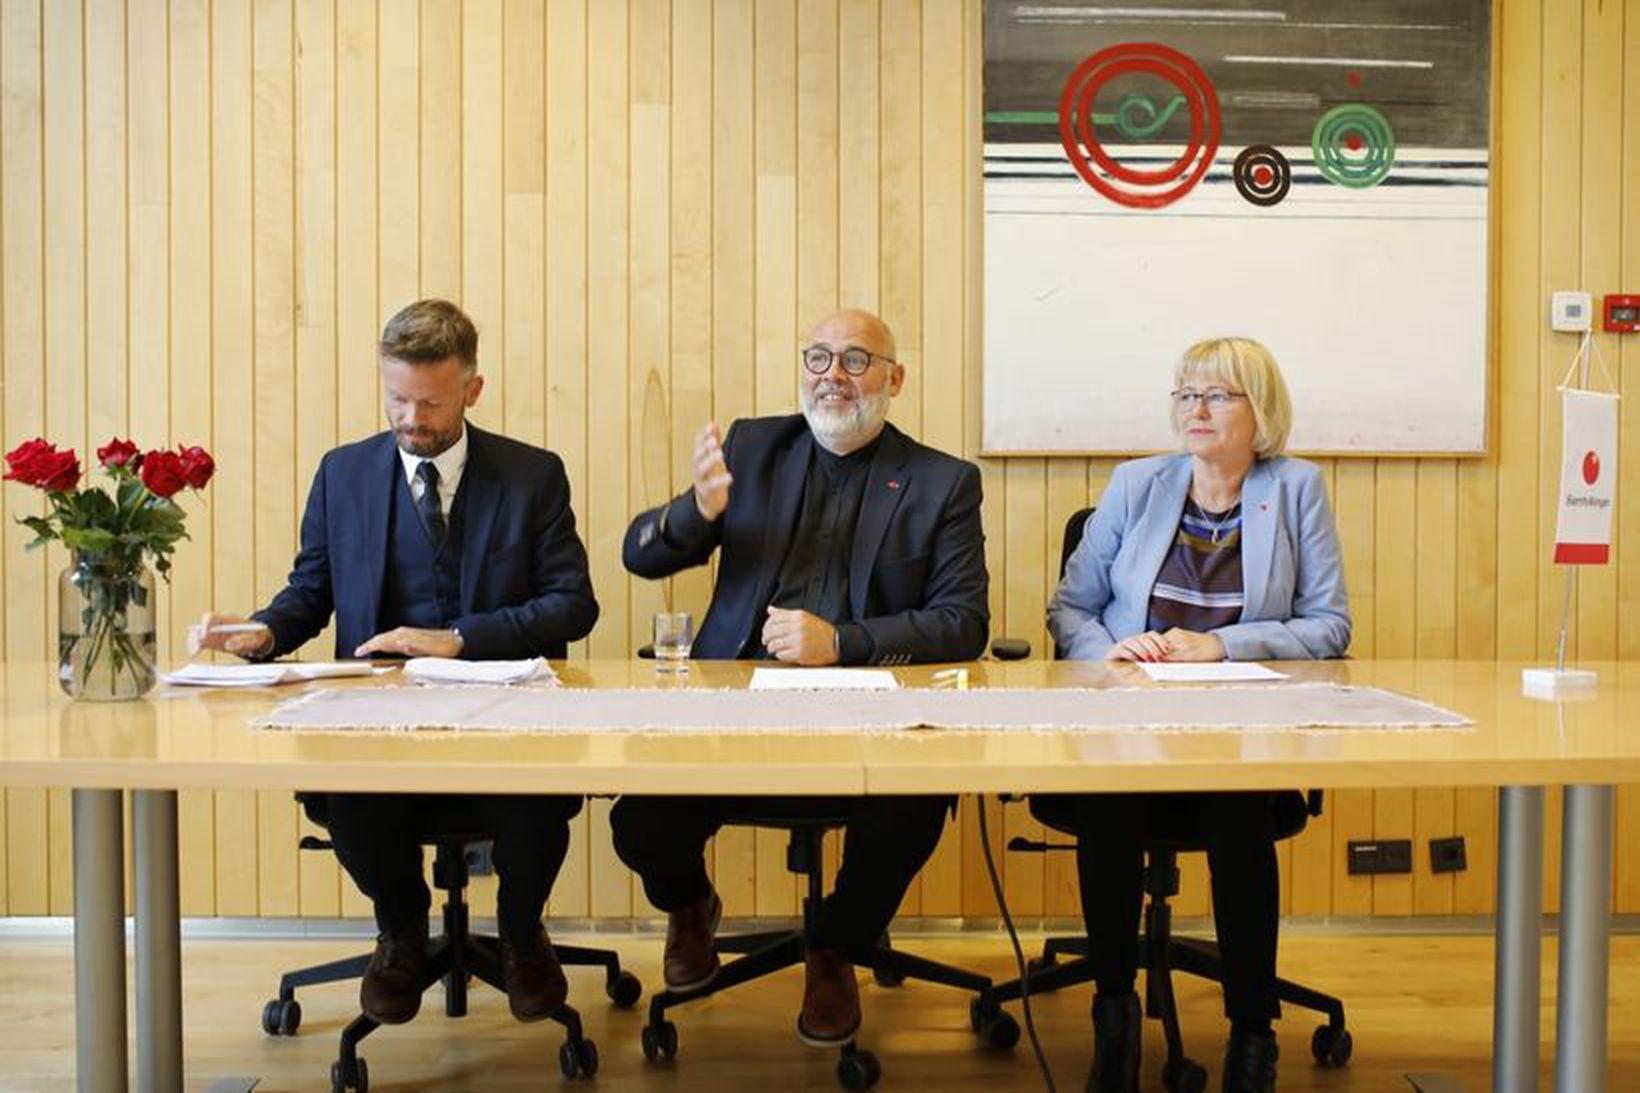 Ágúst Ólafur Ágústsson, Logi Einarsson og Oddný G. Harðardóttir kynntu …